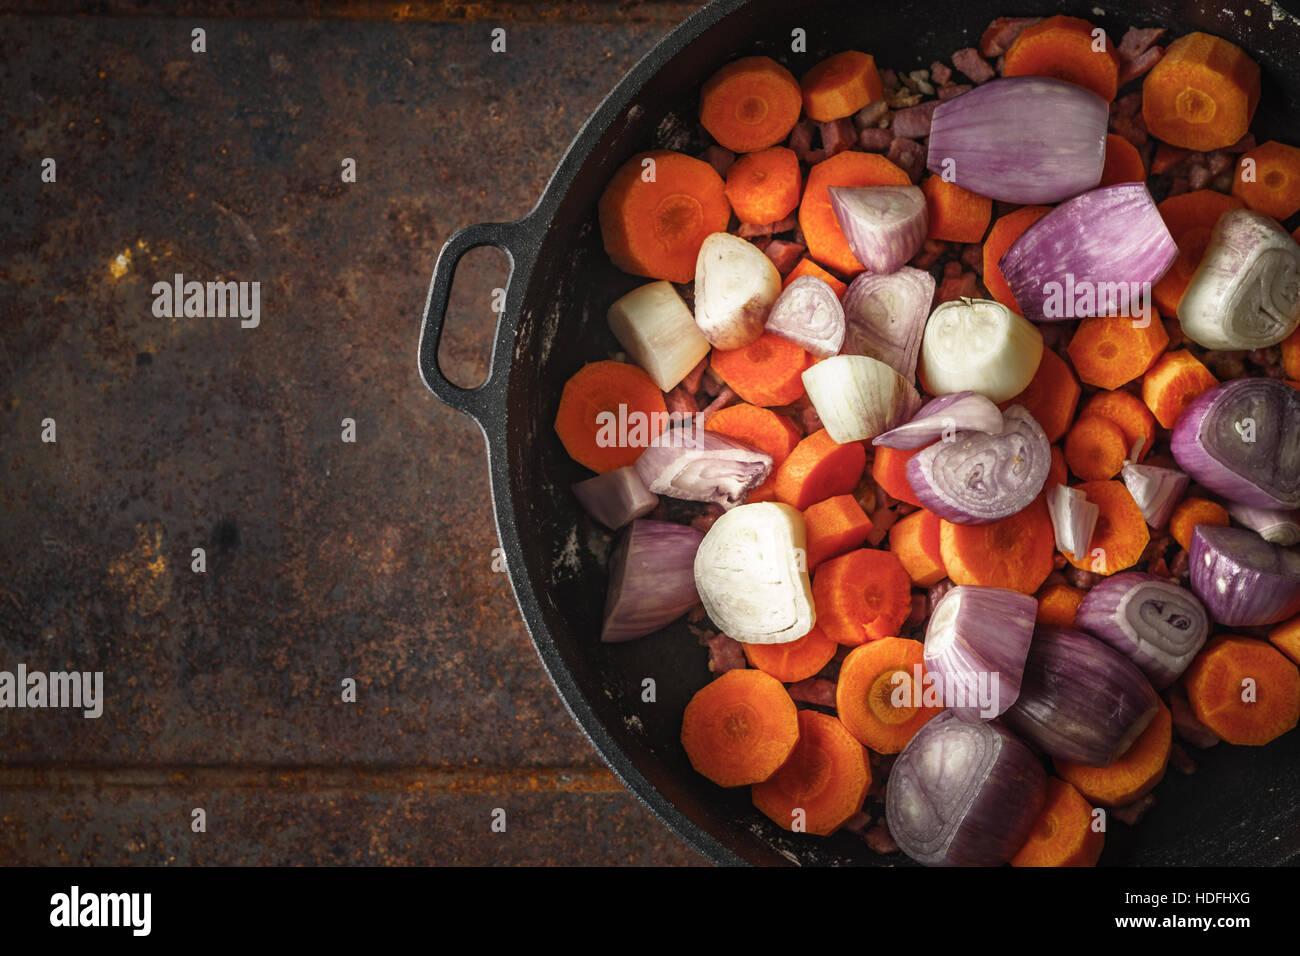 Lo scalogno e le carote in padella su sfondo di metallo Immagini Stock